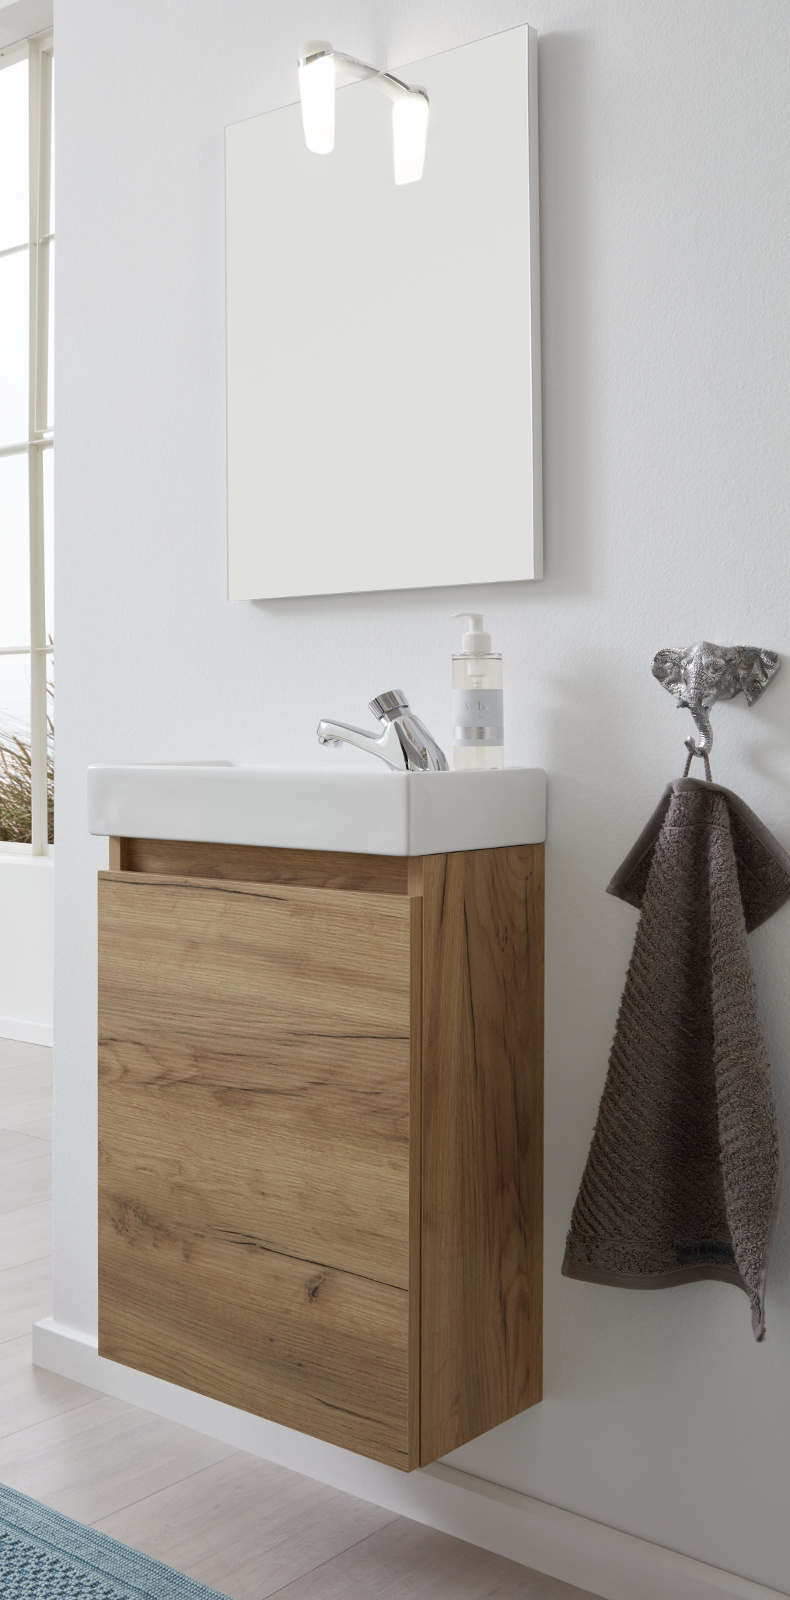 Kleiderschrank weiß hochglanz ikea  Ikea Kleiderschrank Weiß Lack ~ speyeder.net = Verschiedene Ideen ...